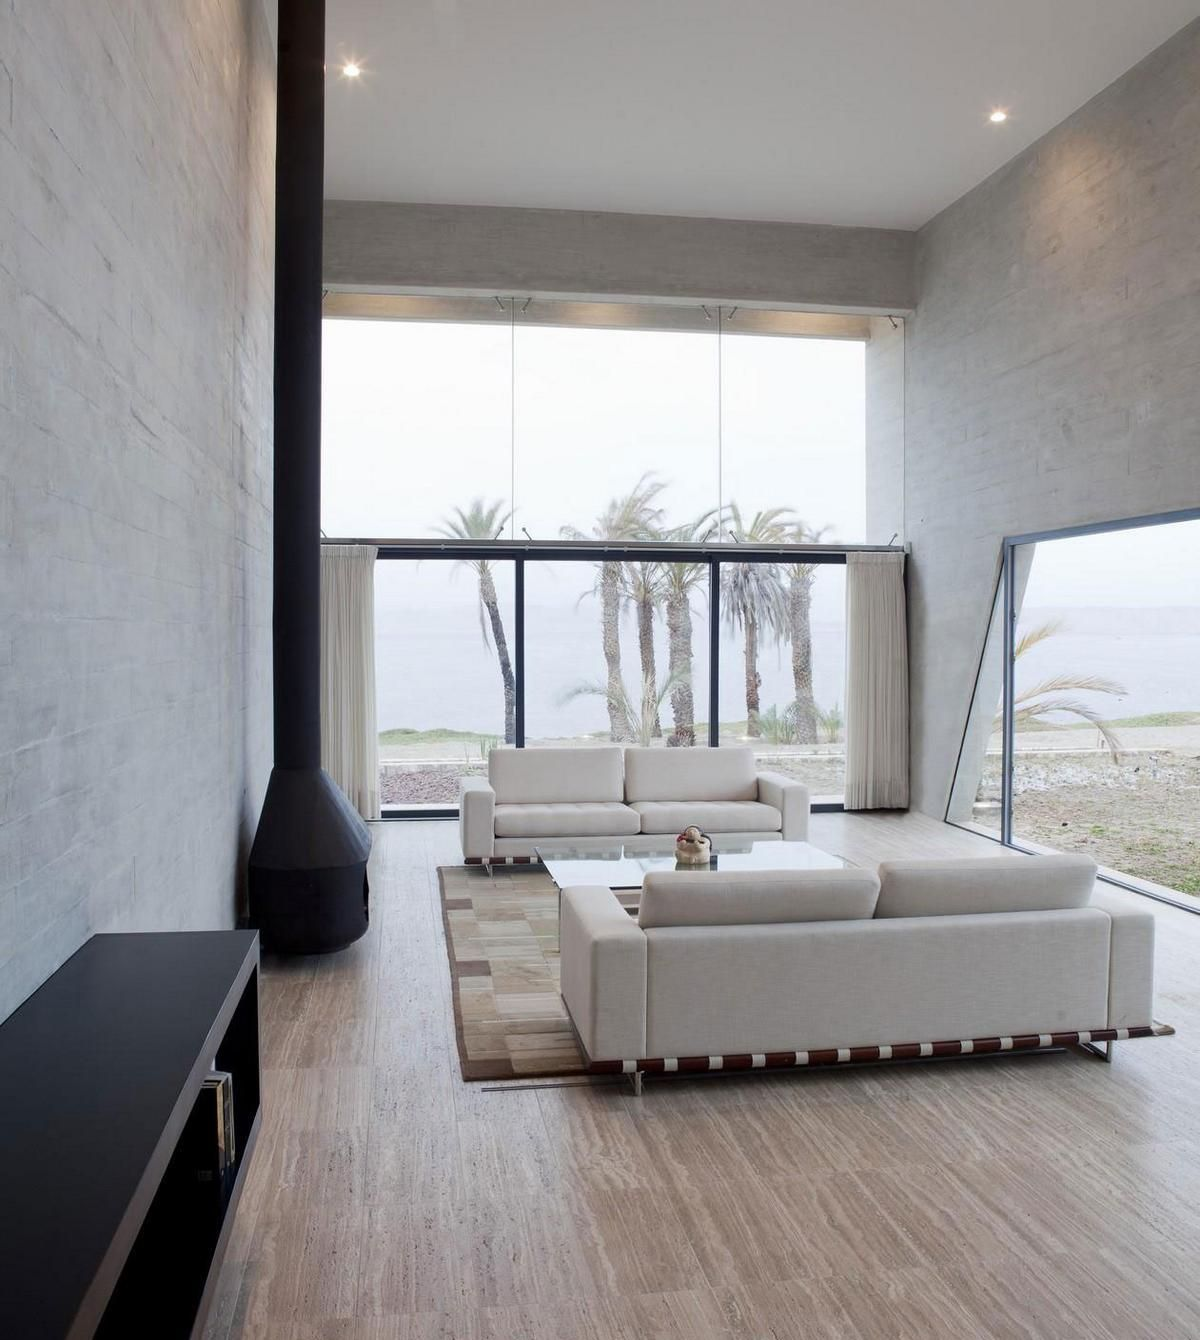 Бежево-черная гостиная в стиле минимализм с большими окнами